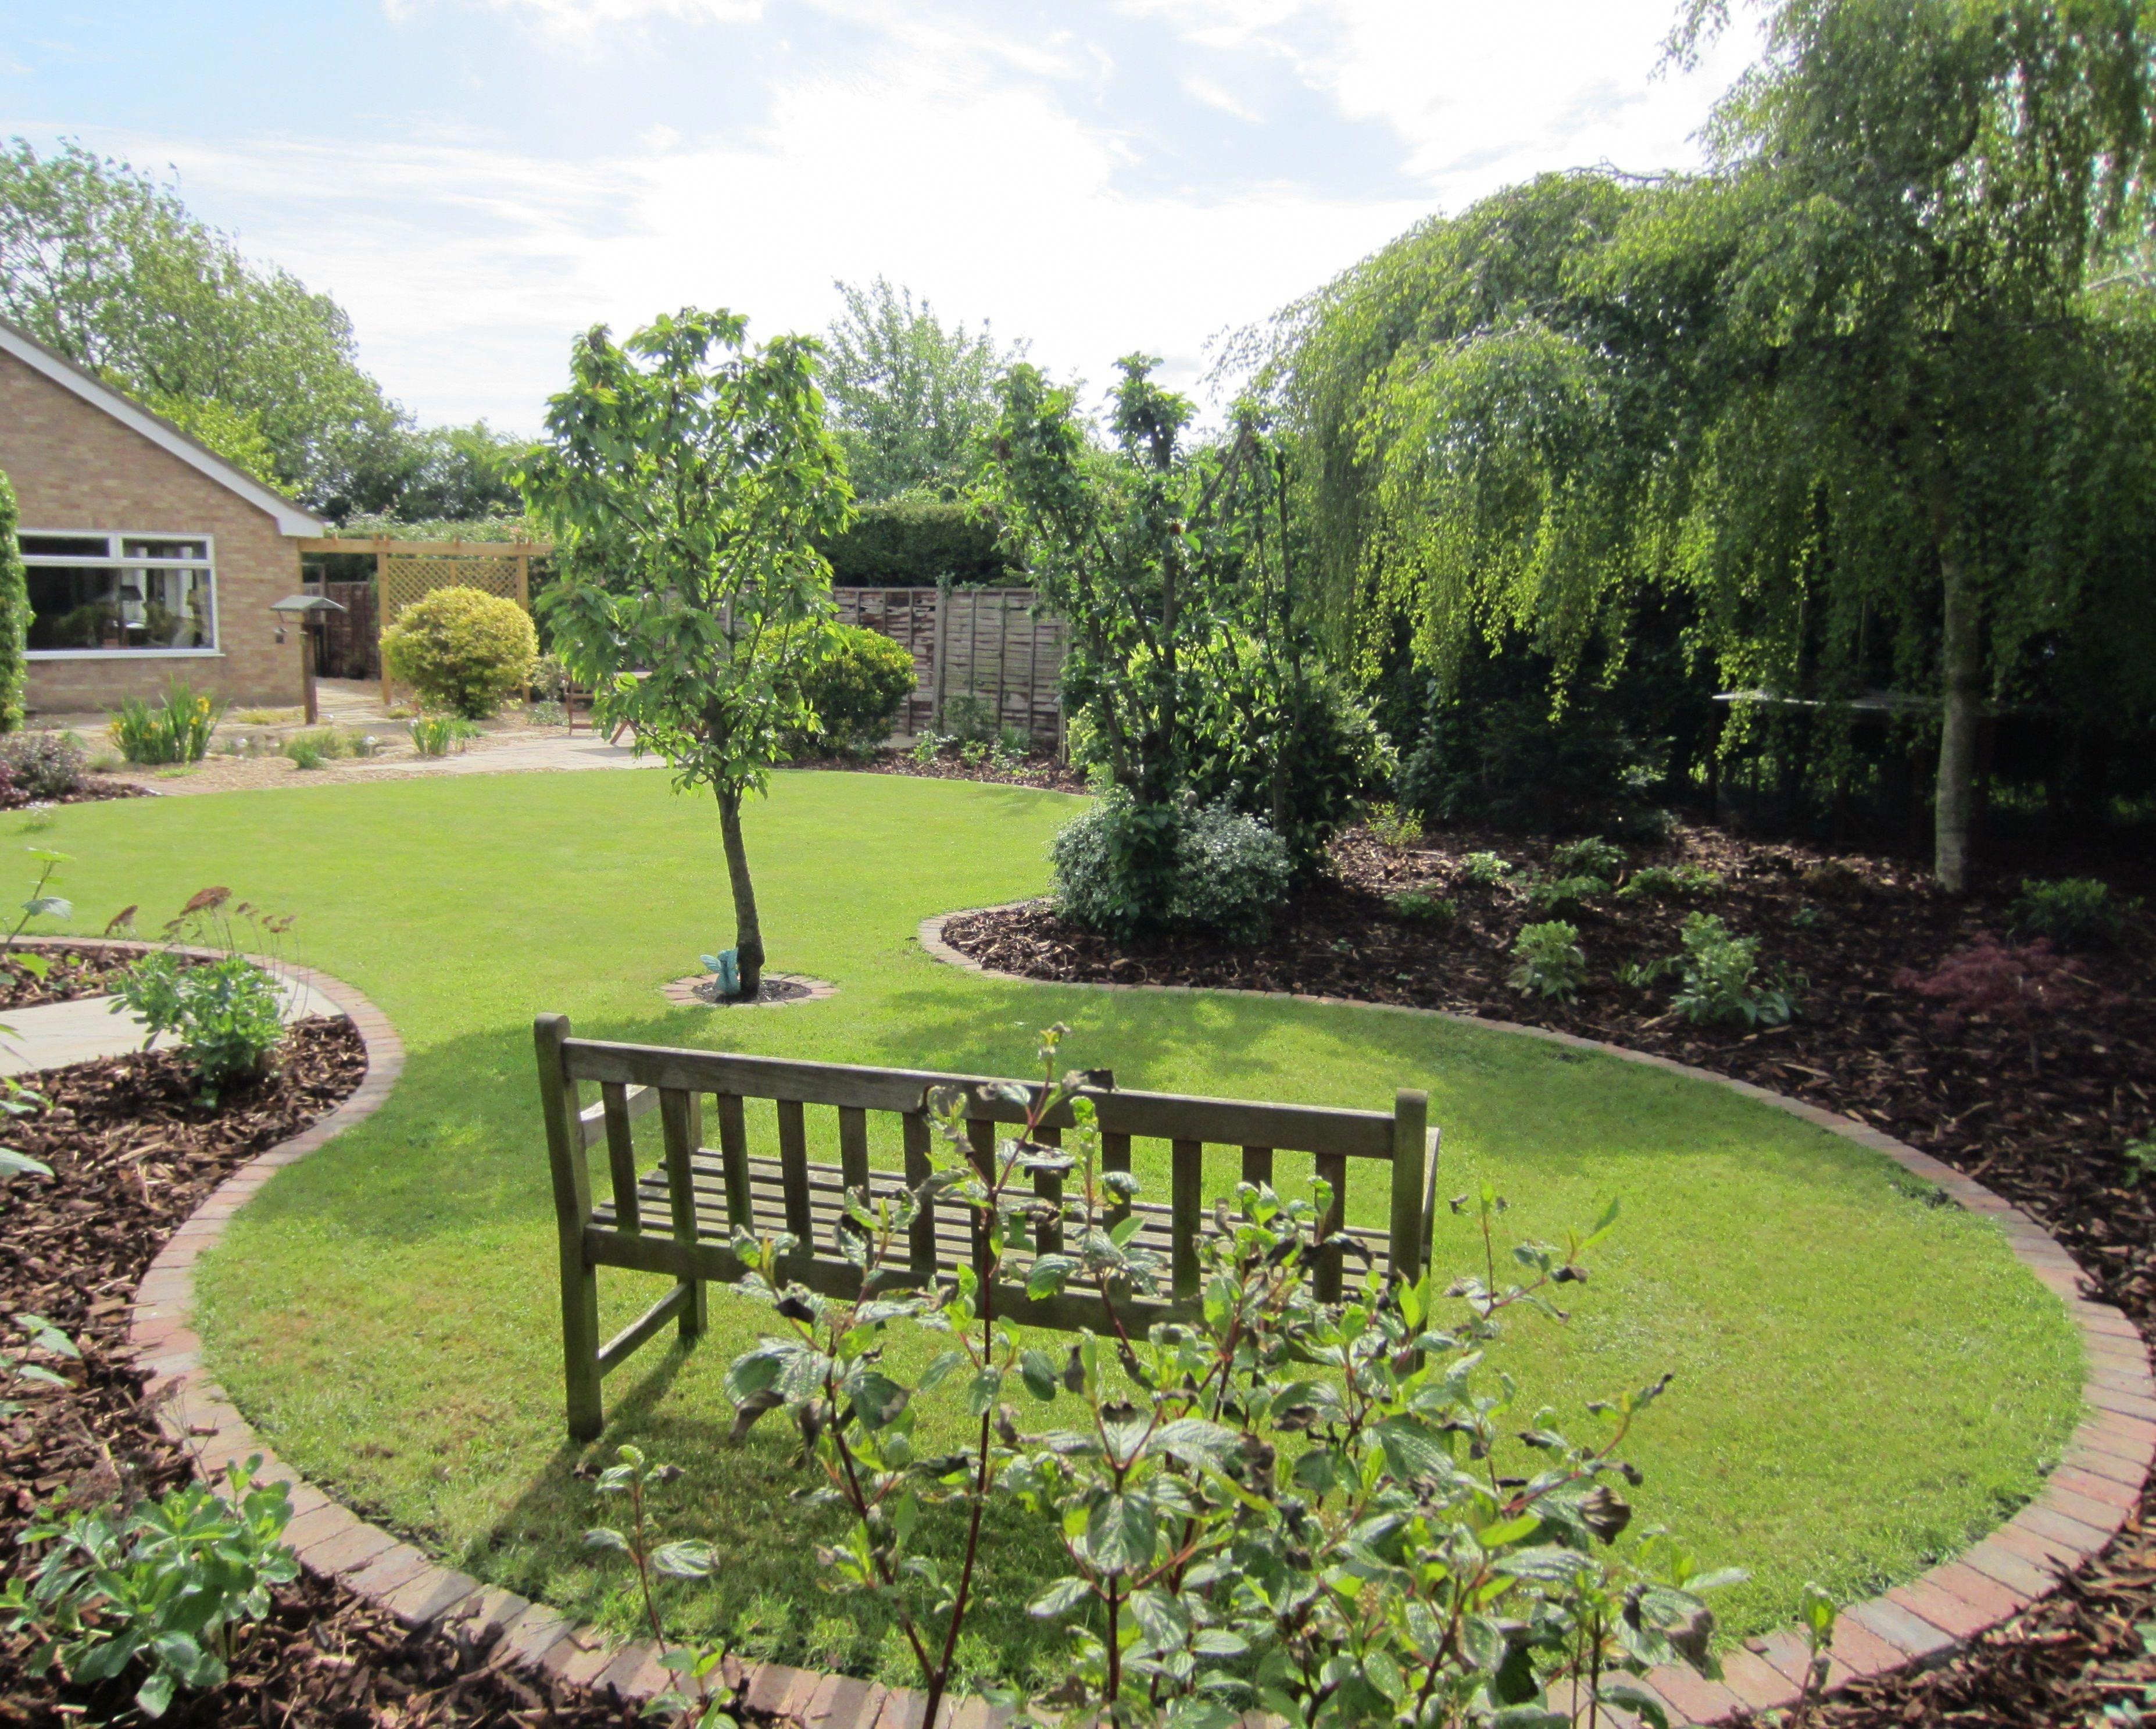 Circular Lawn Garden Designs Google Search Circular Lawn Backyard Landscaping Garden Design